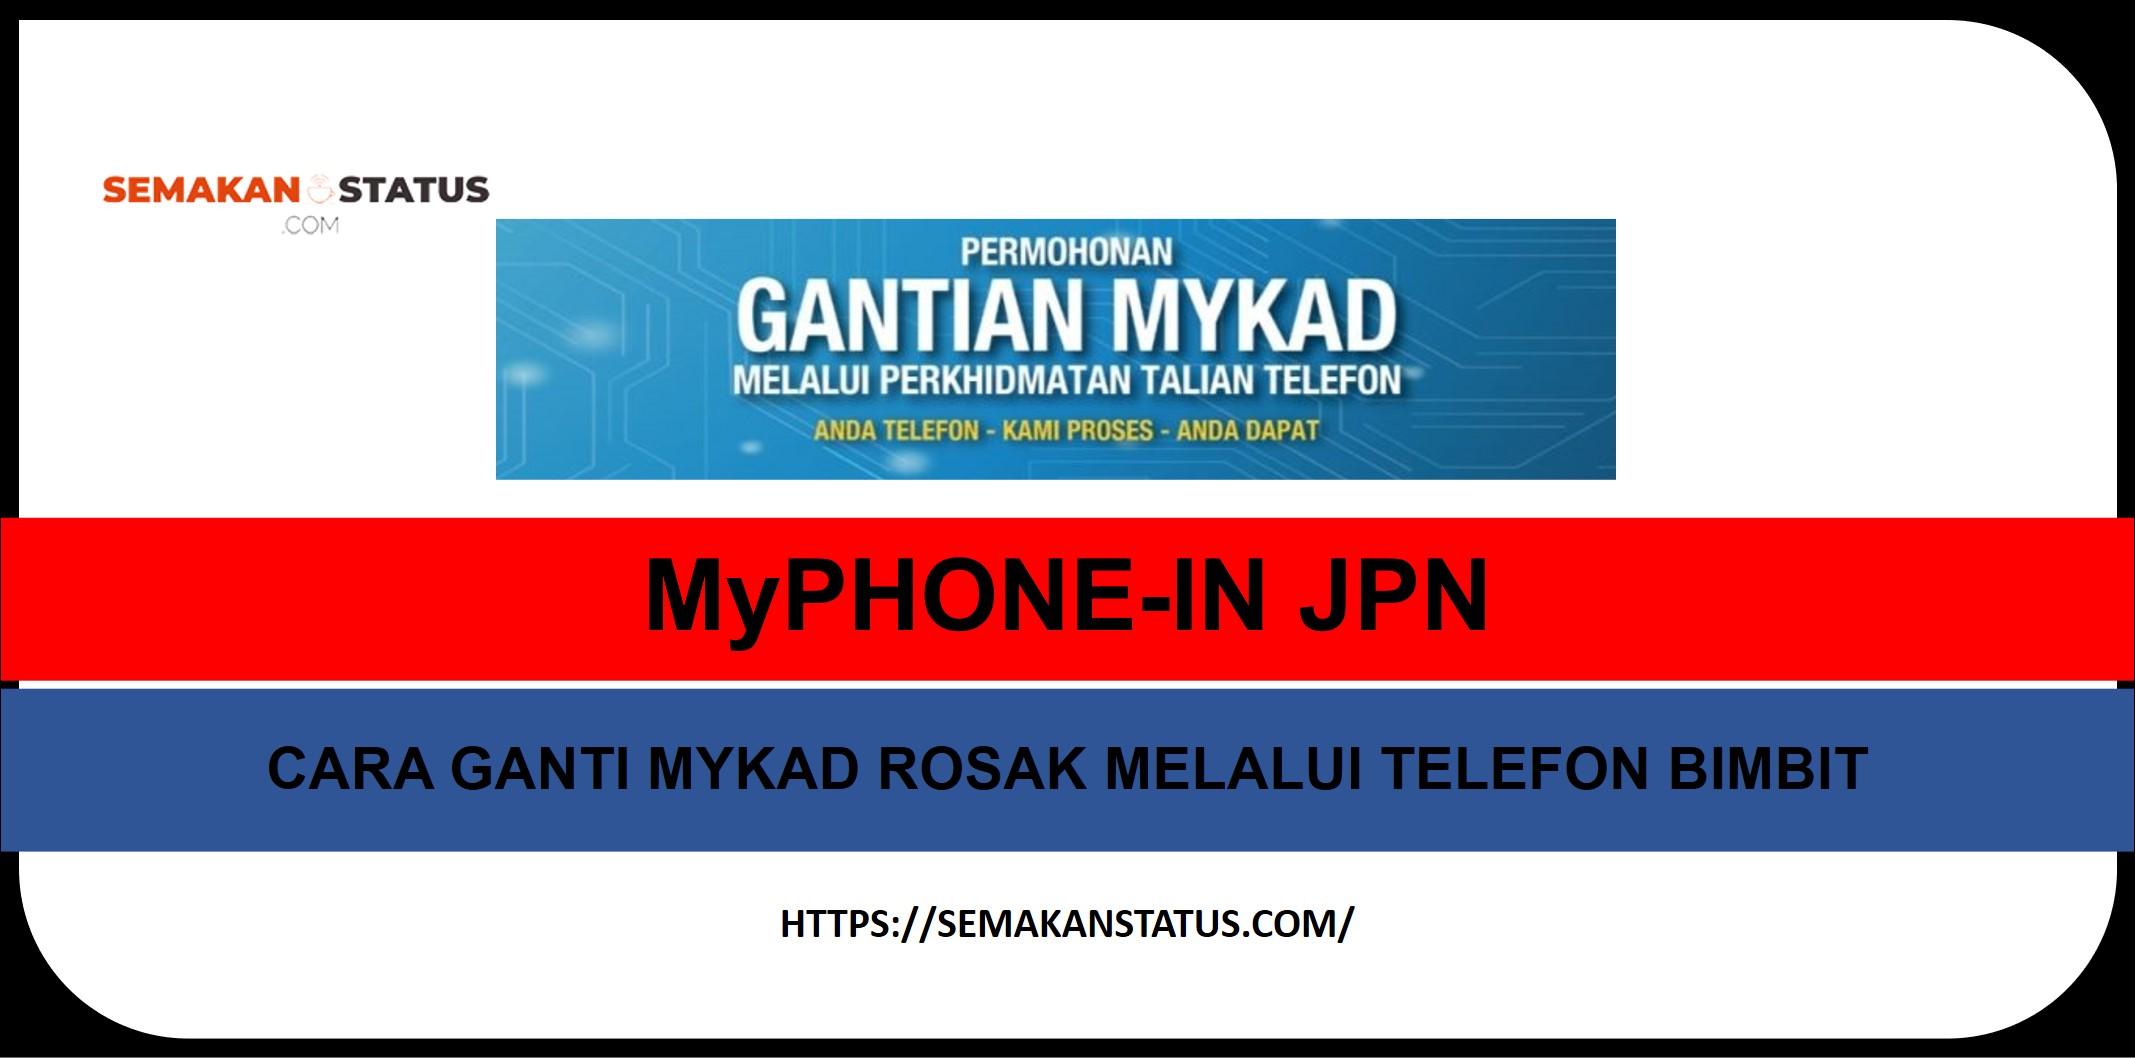 MyPHONE-IN JPN